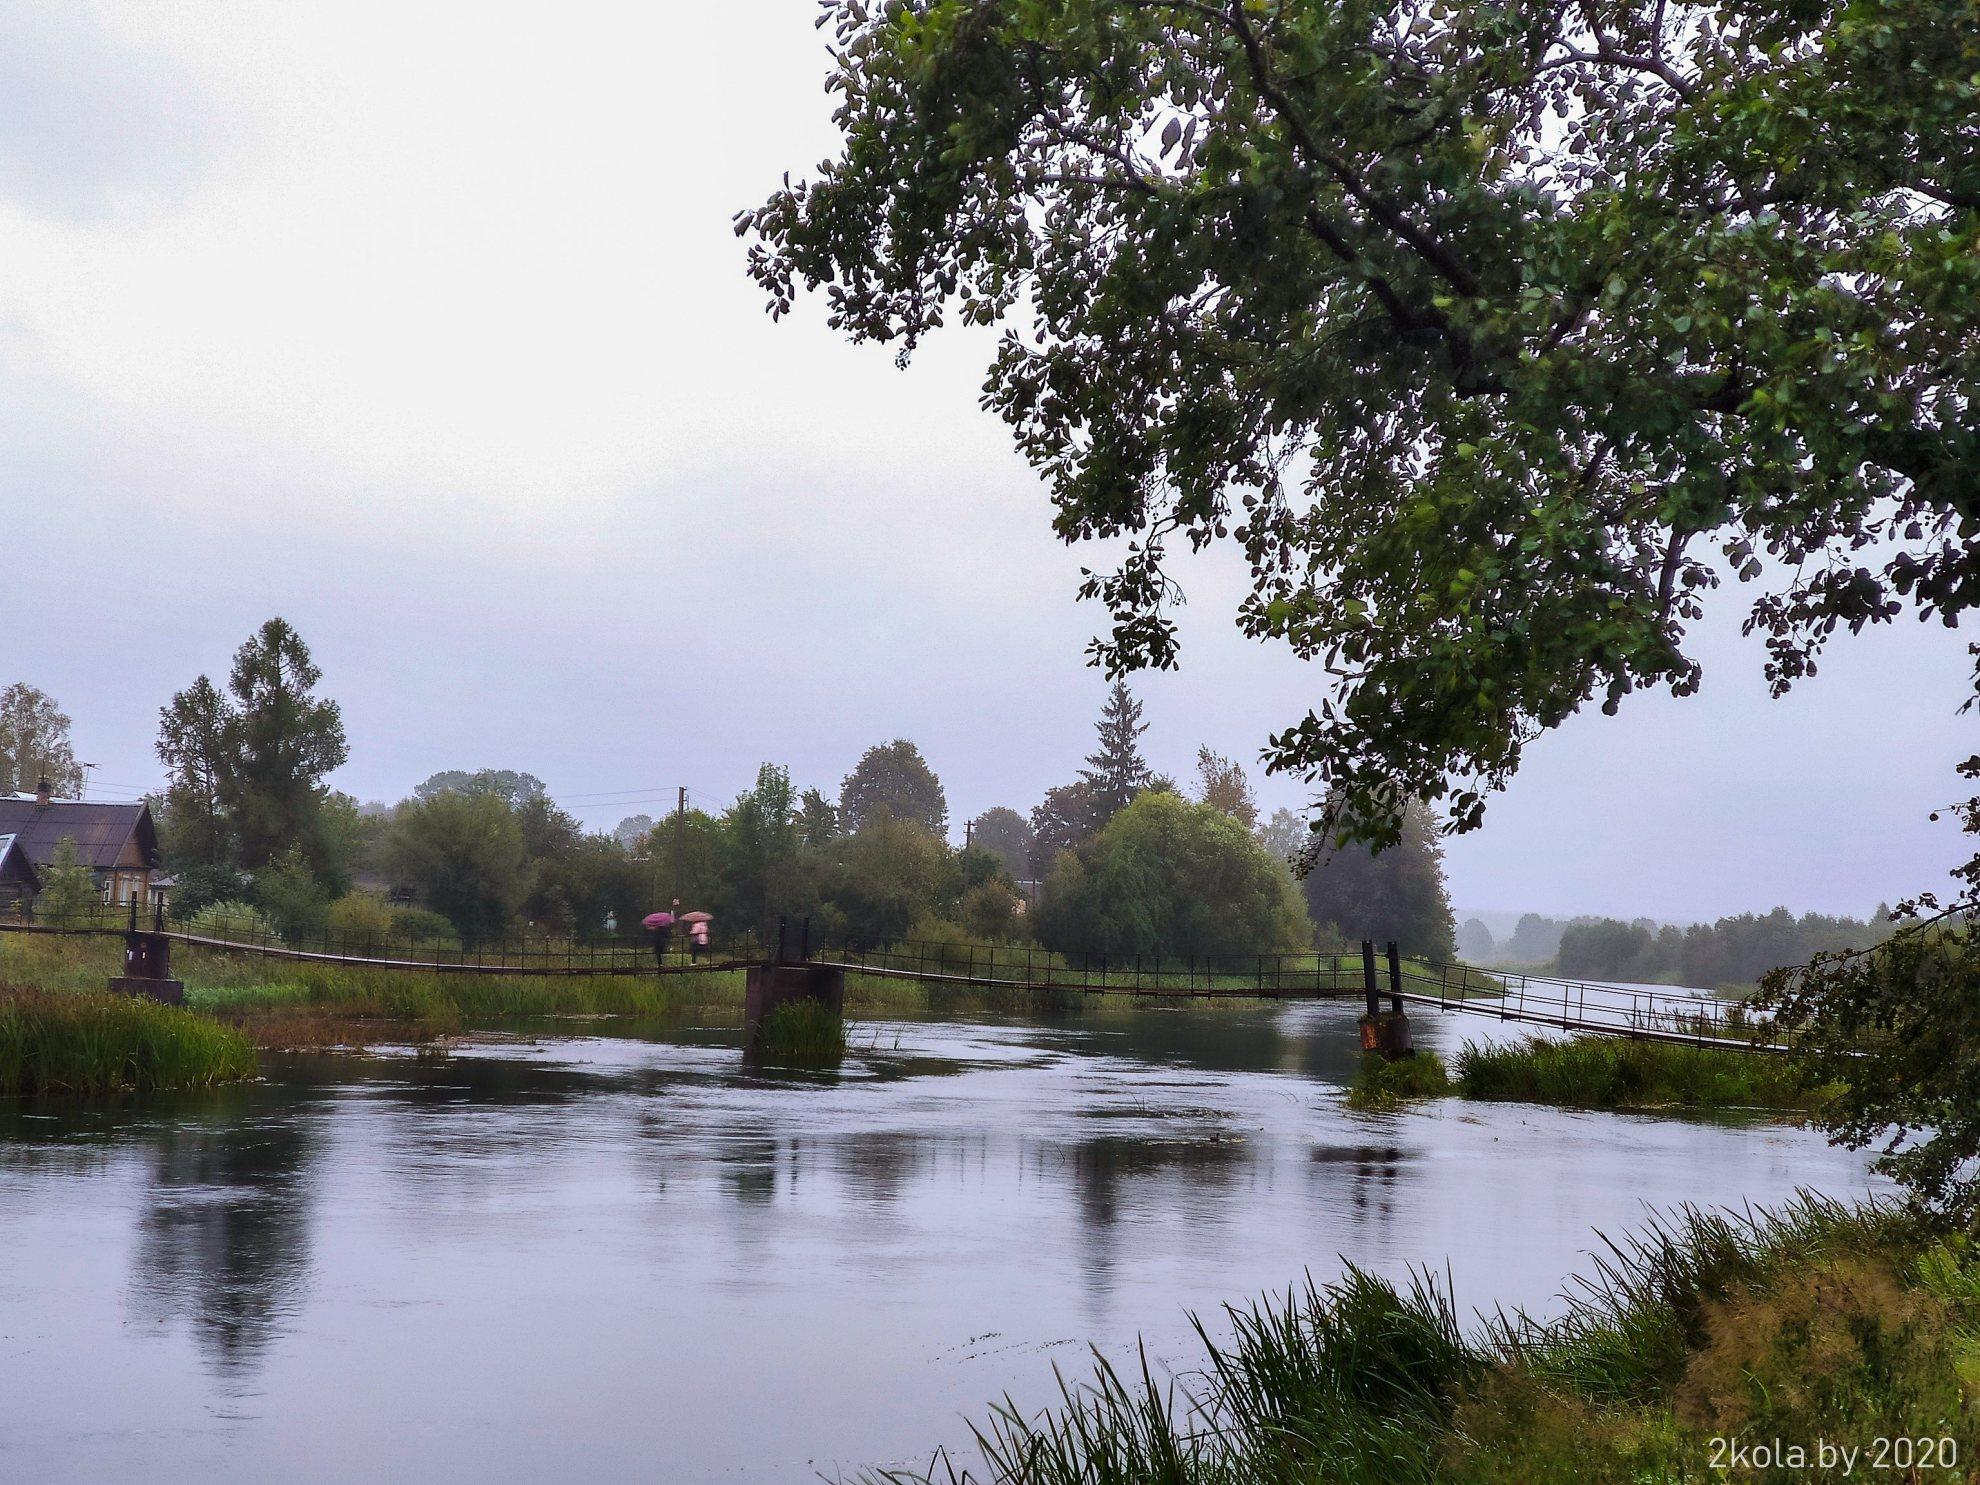 Навесной мост через реку Великая в Опочке